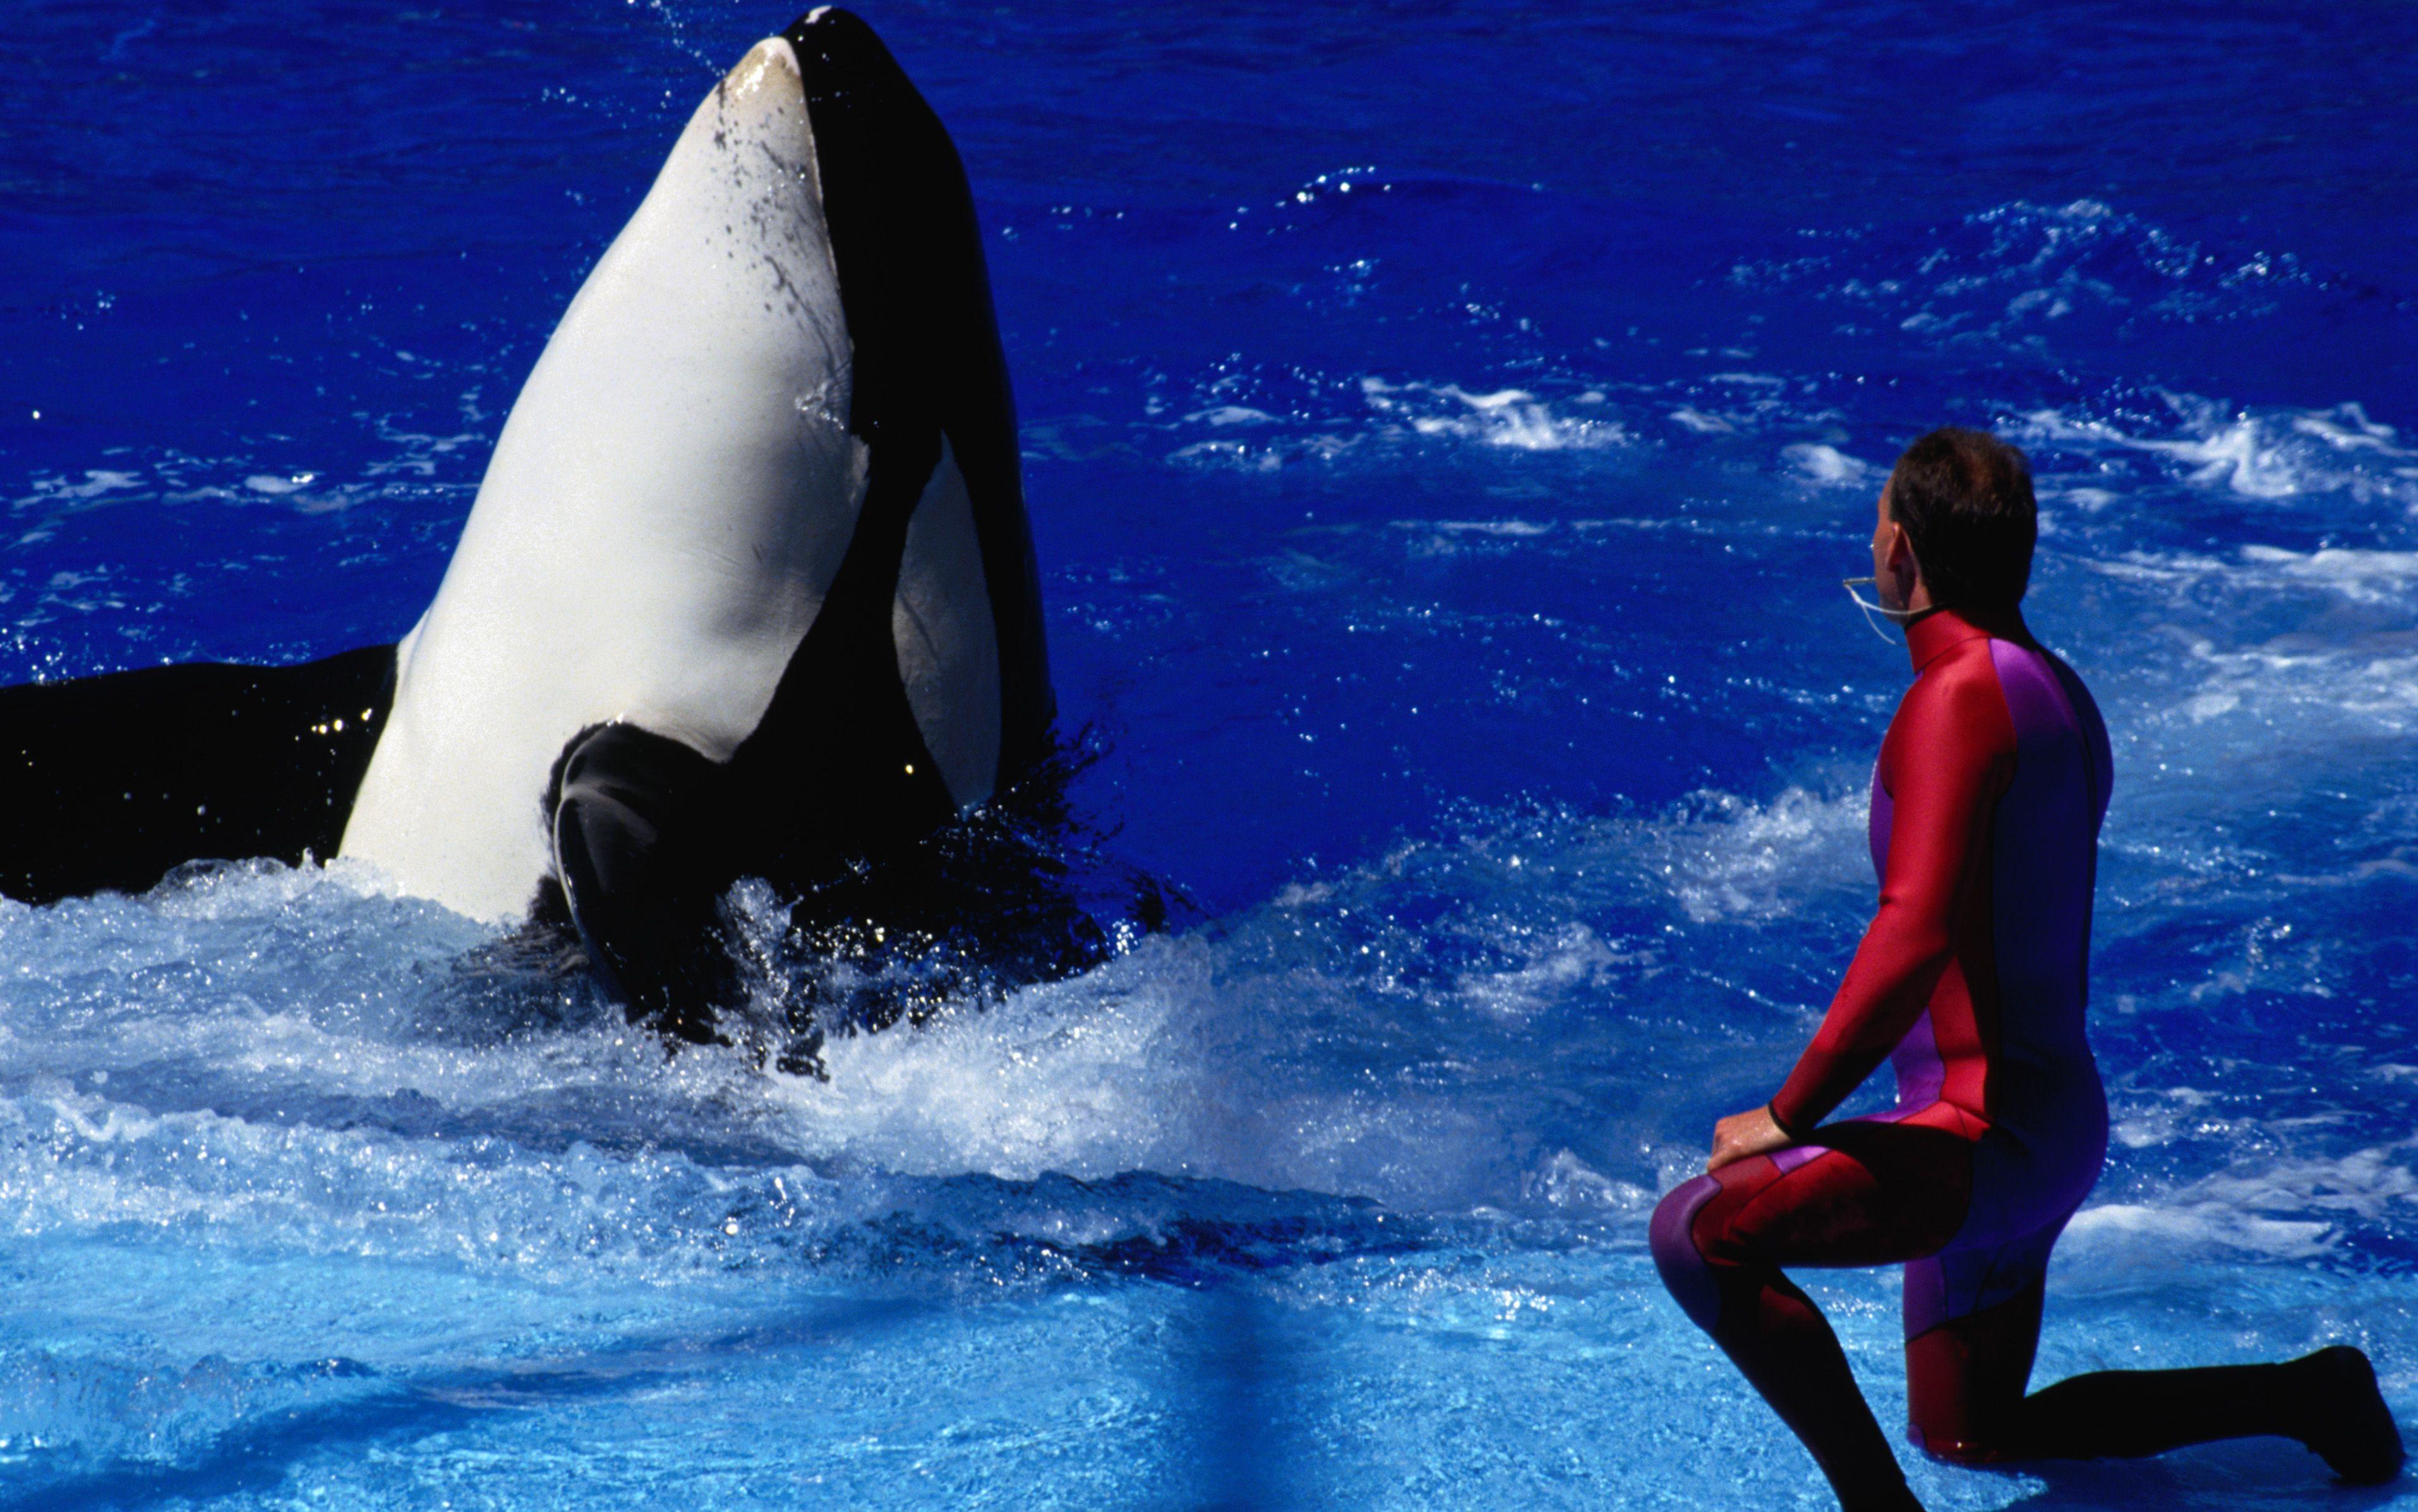 third whale this year dies at san diego seaworld seaworld whale